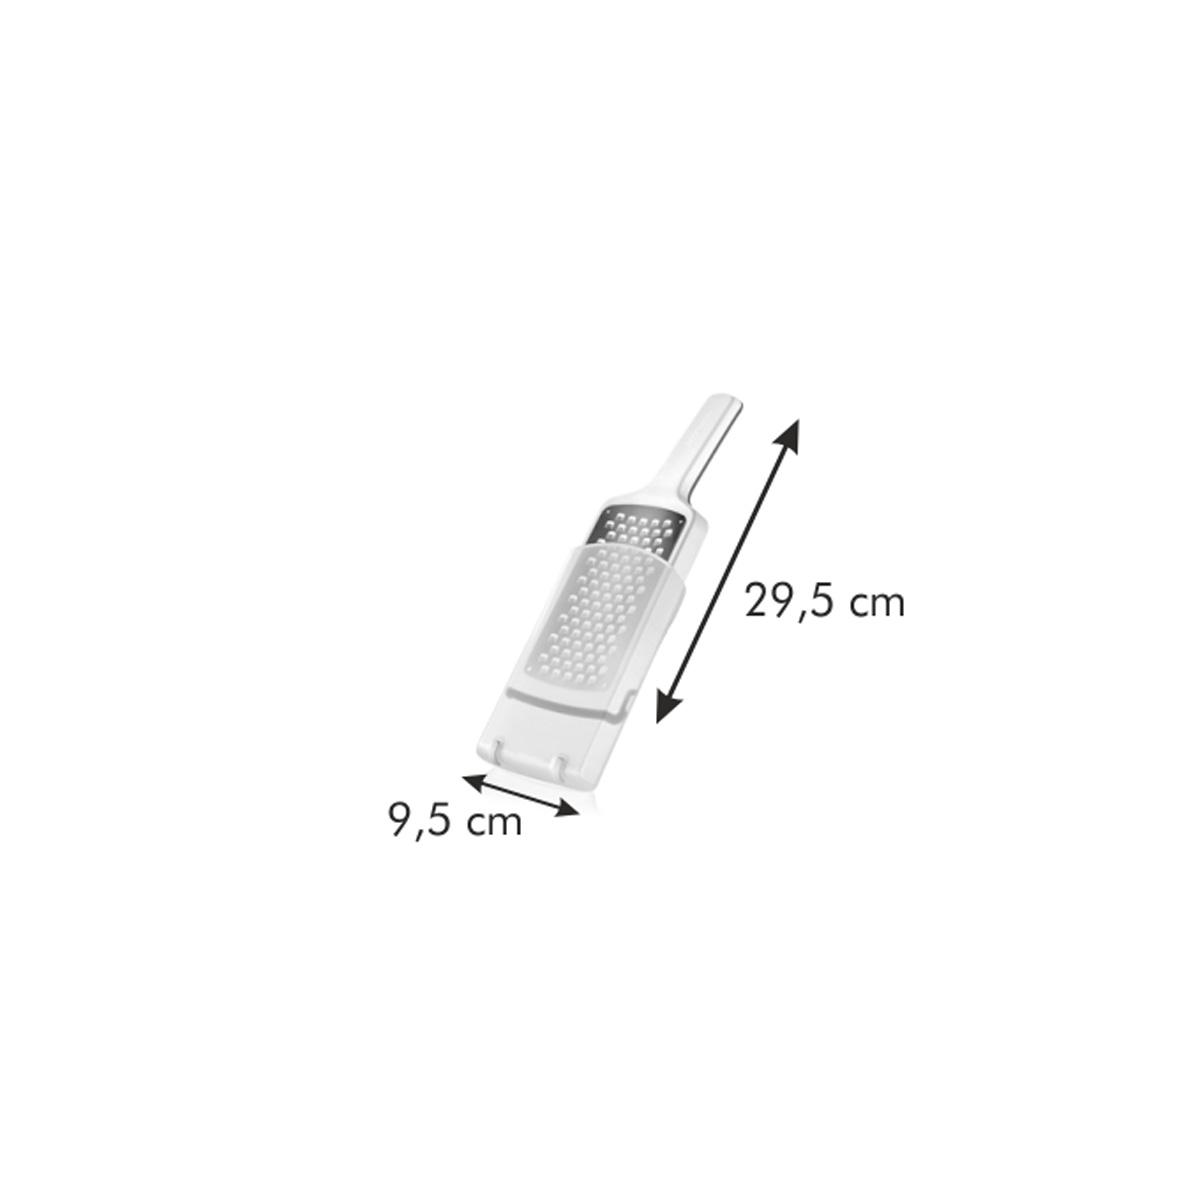 Struhadlo HANDY X-sharp, střední otvory